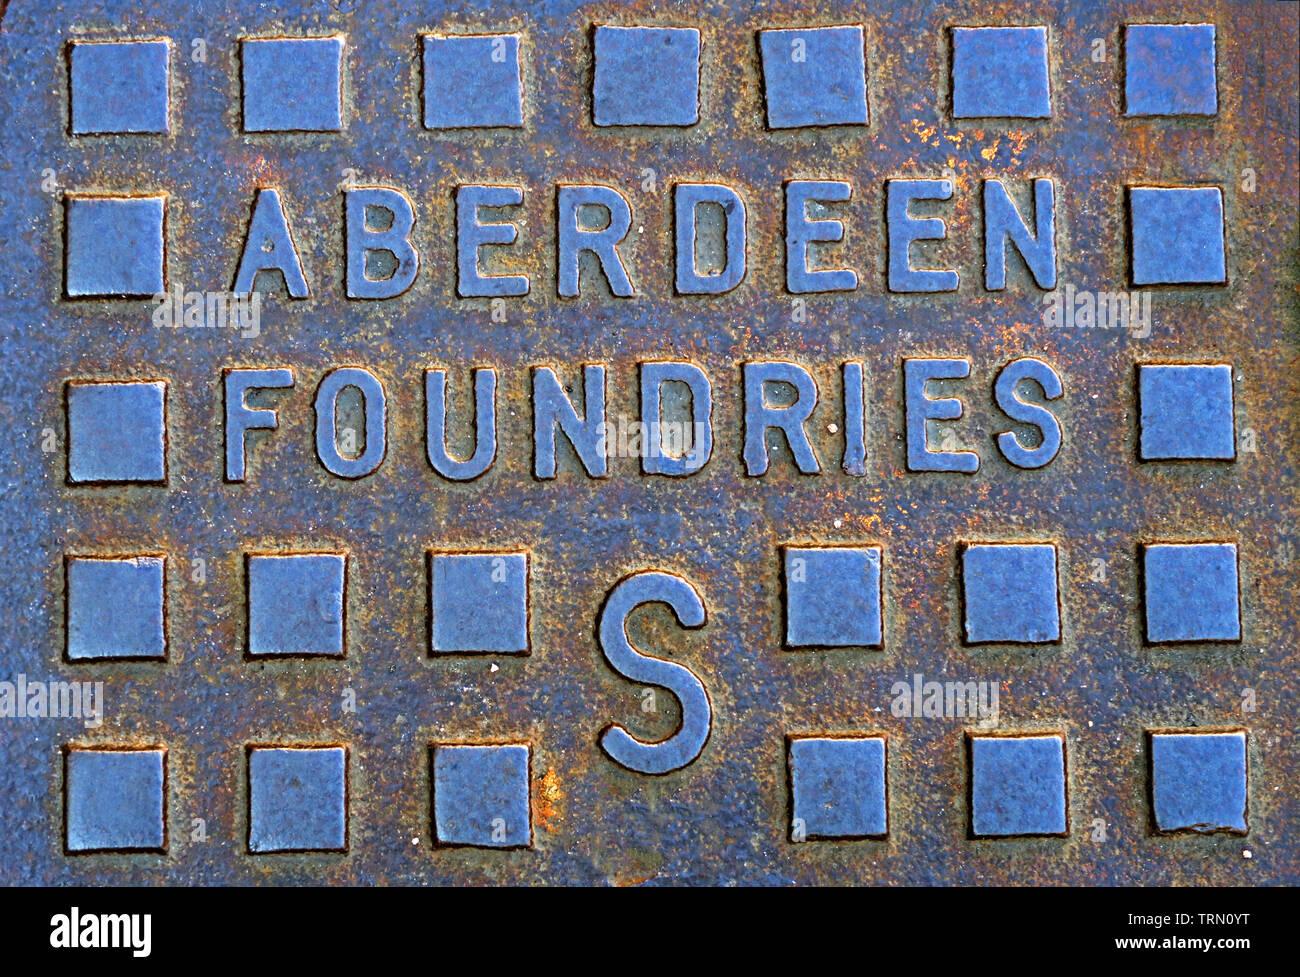 Dieses Stockfoto: Aberdeen Foundaries Gusseisen Schachtdeckel, Stadtzentrum, Aberdeen, Schottland, Großbritannien - TRN0YT